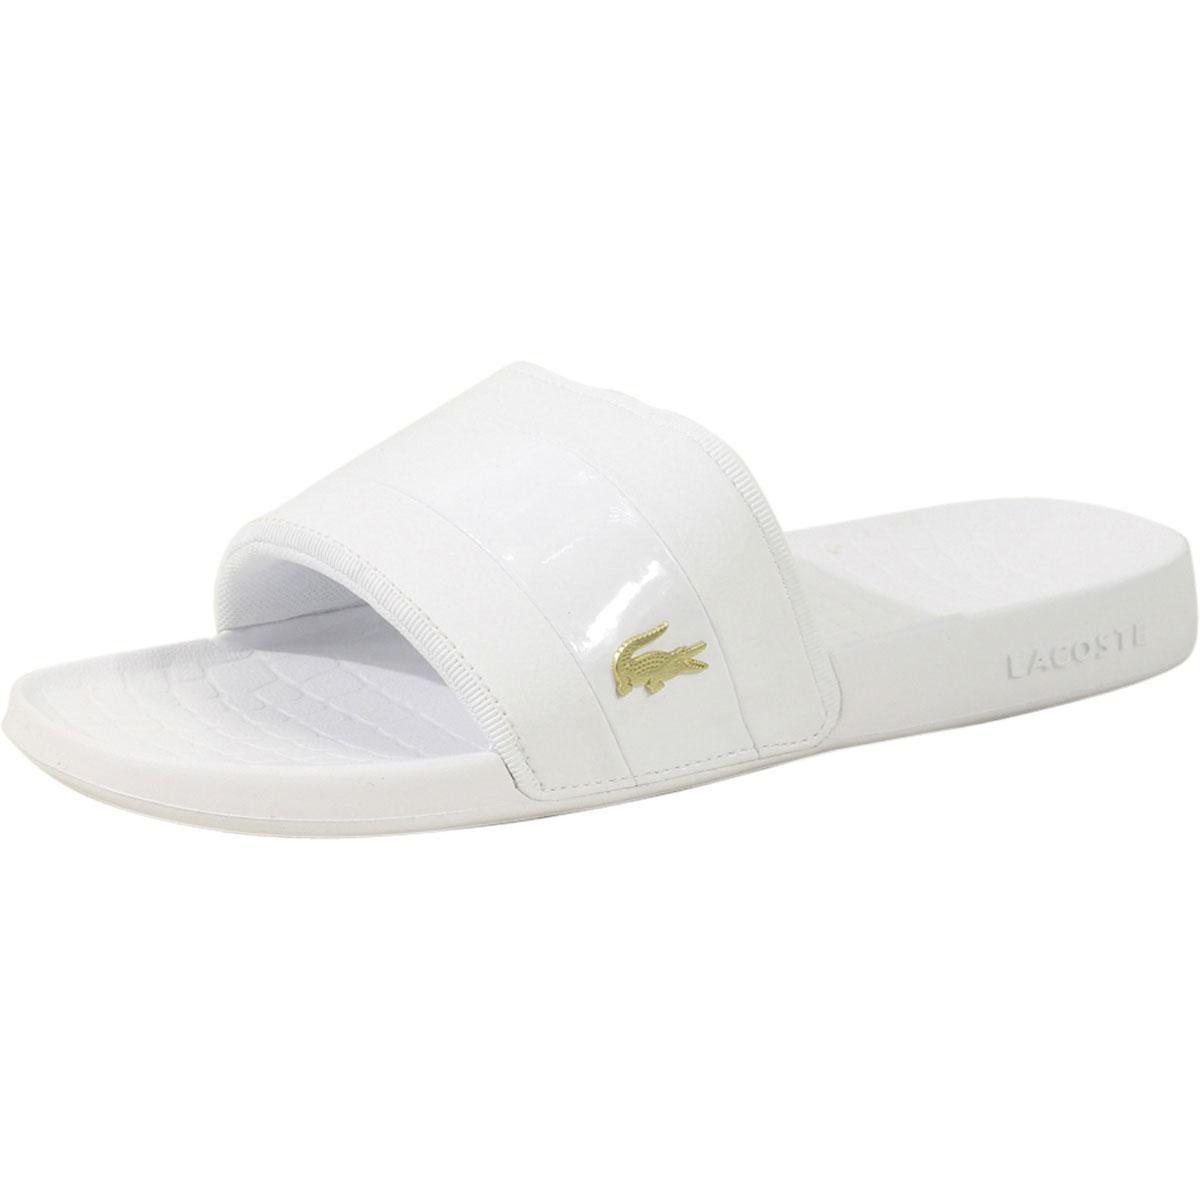 8df78dabde23 Lacoste Men s Fraisier-118 Logo Slides Sandals Shoes